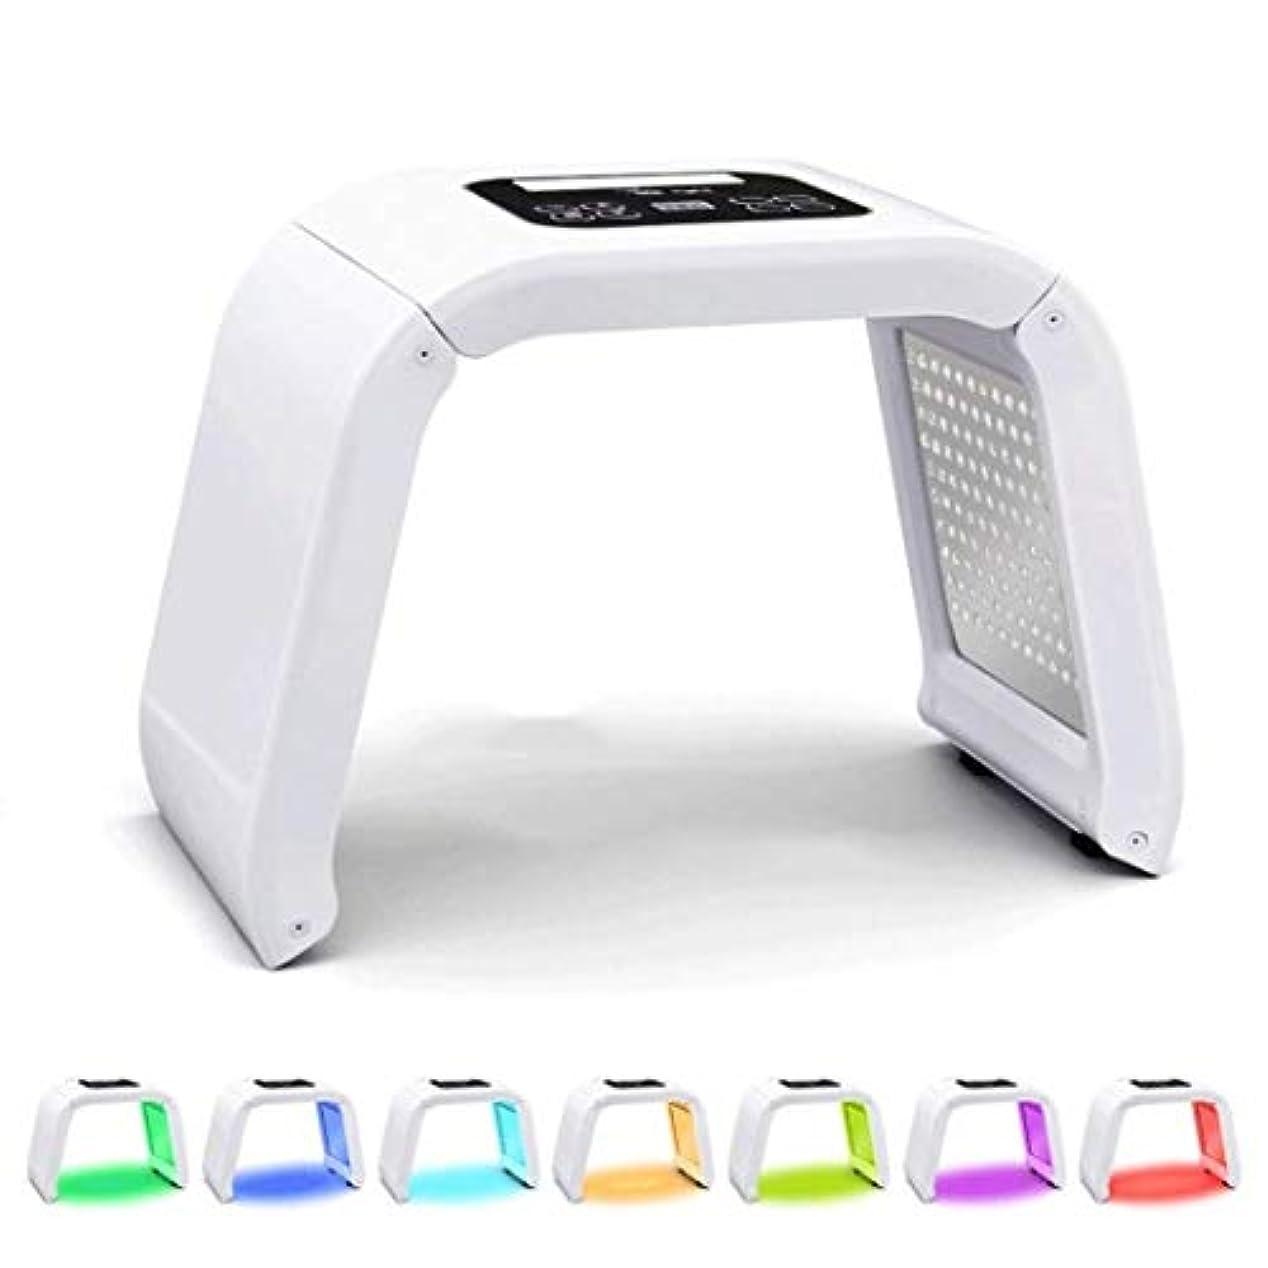 人類宅配便受動的7色LEDの肌の若返り美容機器、アンチエイジング若返りスキンサロンSPA美容スチーマー機器のためのケアLEDフェイスフォトンレッドライトセラピー